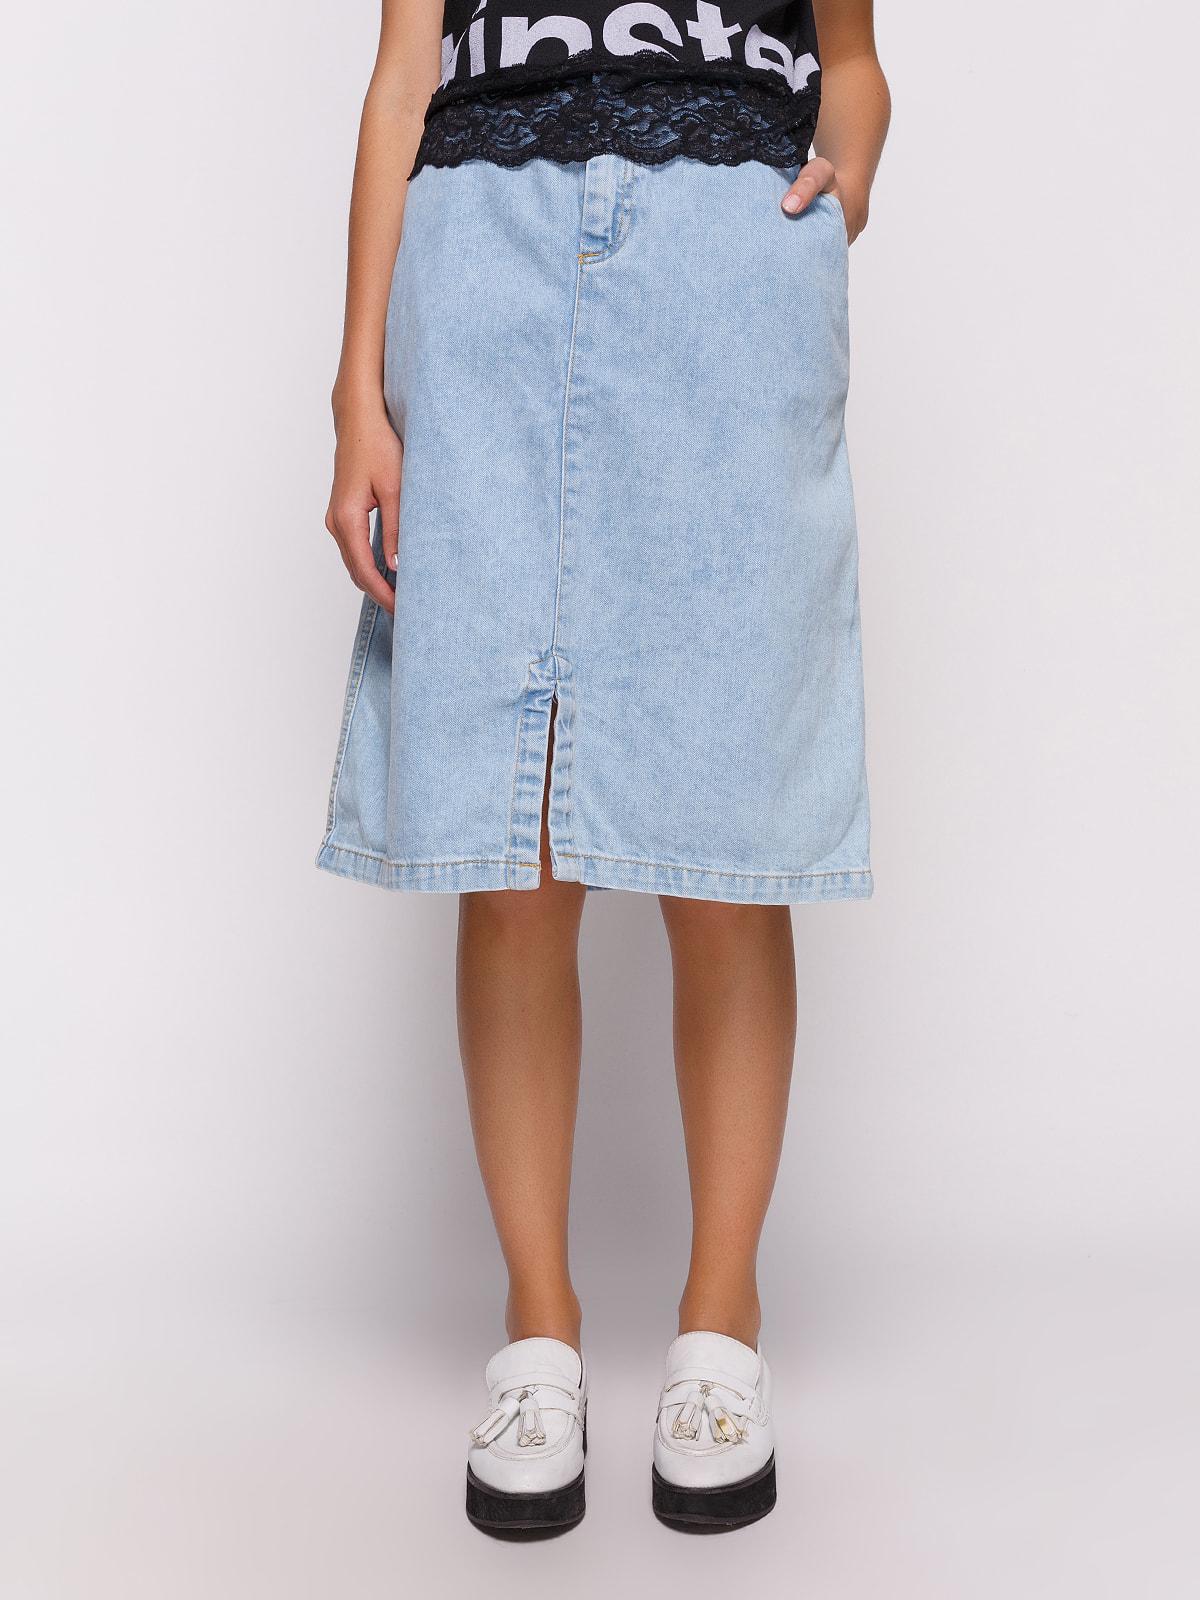 Юбка голубая джинсовая | 4631102